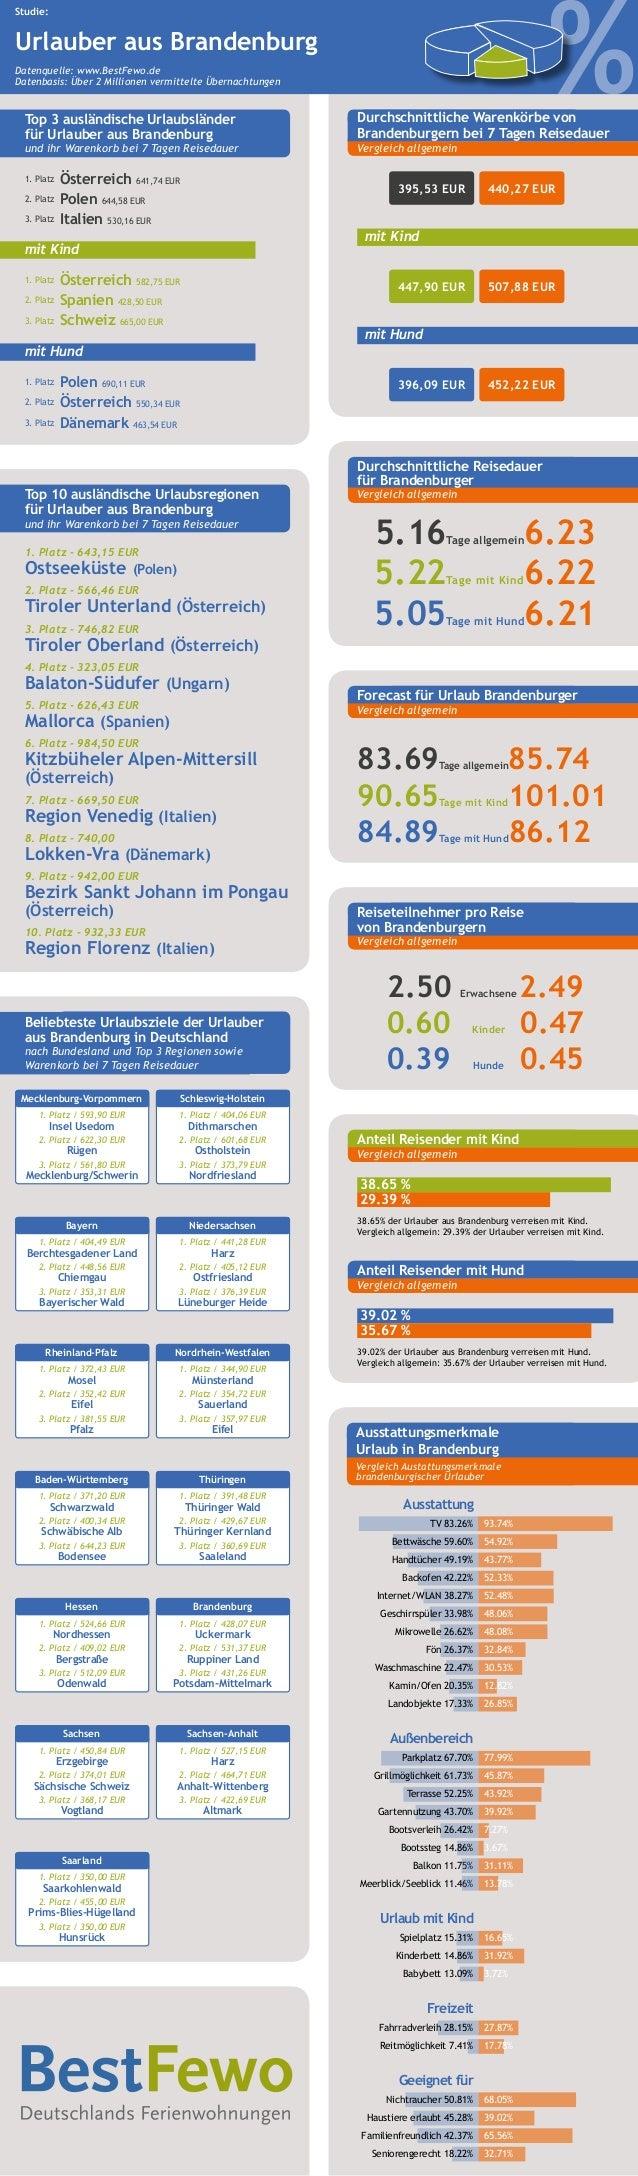 % Studie: Urlauber aus Brandenburg Datenquelle: www.BestFewo.de Datenbasis: Über 2 Millionen vermittelte Übernachtungen Be...